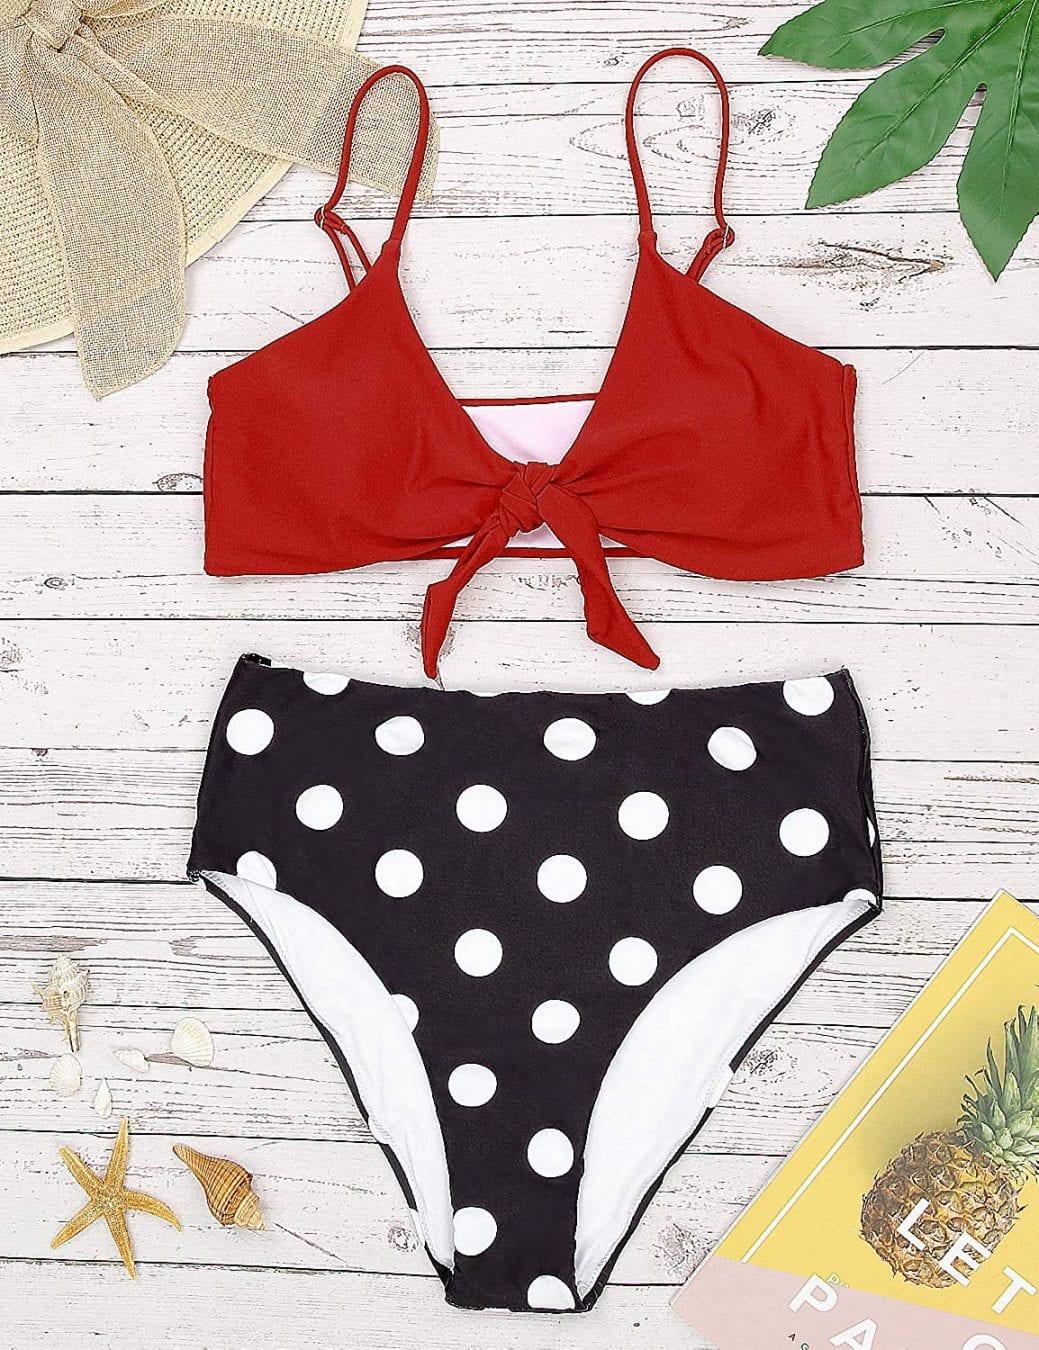 Amazon bikini's under $40 - polkdot high waisted bikini